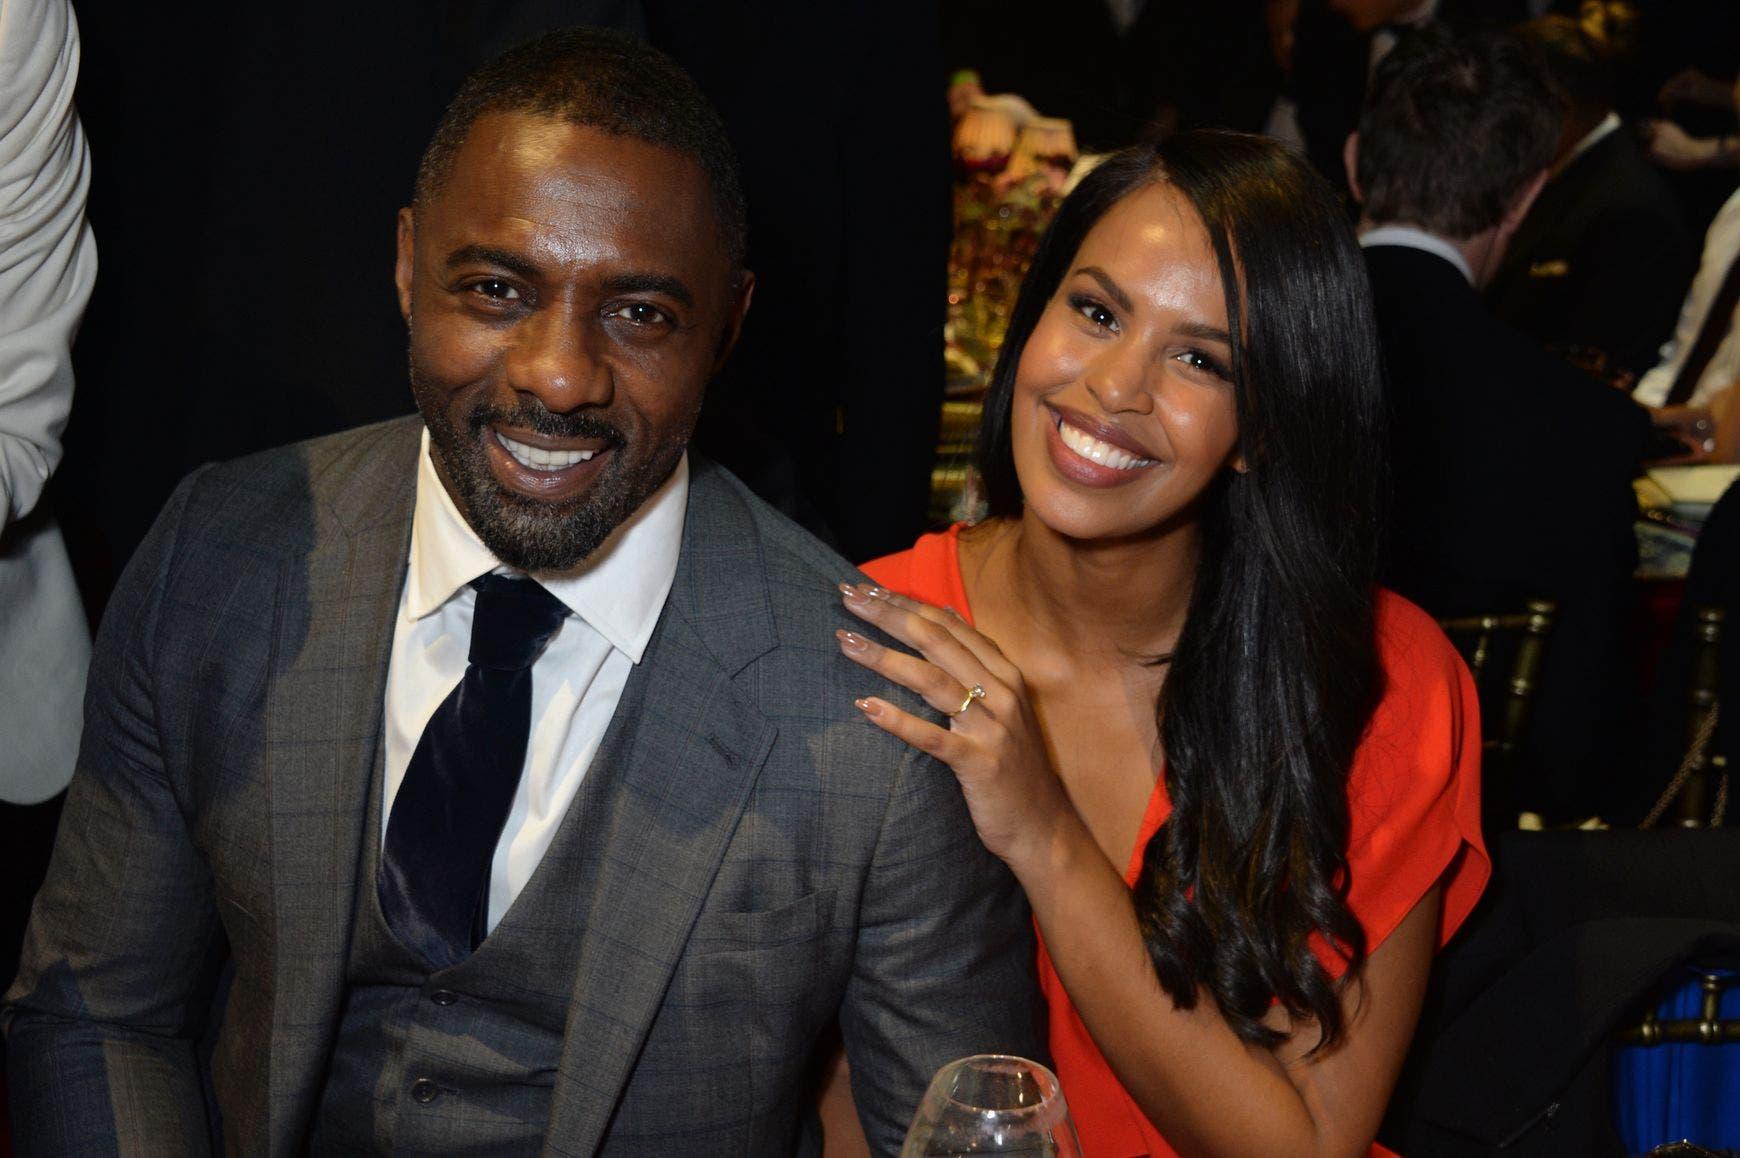 Maxaa ka jira in Idris Elba uu lacag ku qaatay ka been sheegidda Coronavirus?